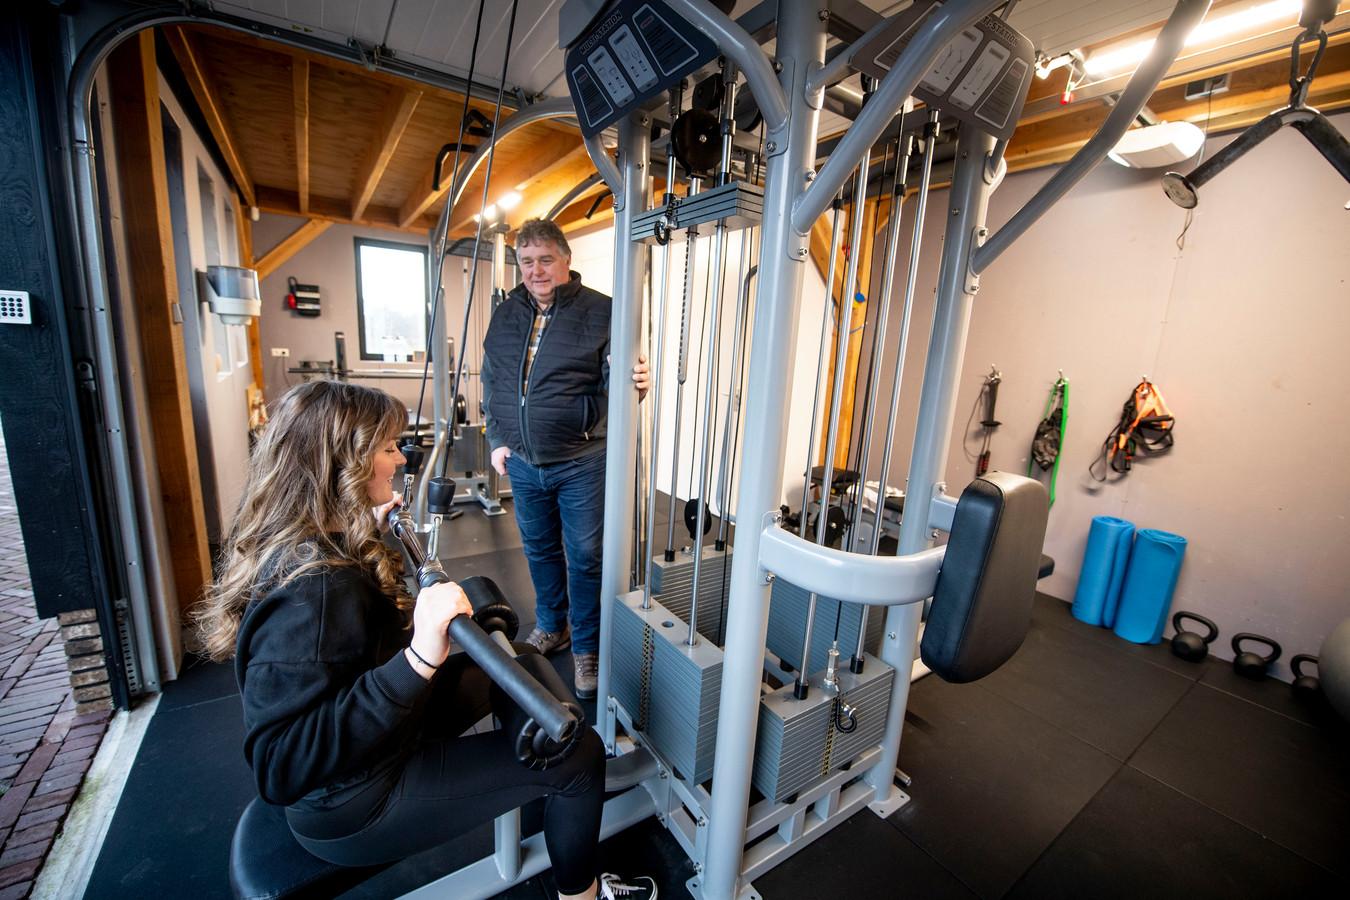 Dick Schulenburg kocht voor een fortuin aan fitnessapparatuur bij Fitness Occasions in Rijssen. Hij is niet de enige. Nu sportscholen dicht zitten, investeren steeds meer mensen in faciliteiten om thuis te kunnen sporten. Ook zijn dochter Lotte maakt gebruik van de fitnessruimte in huize Schulenburg.